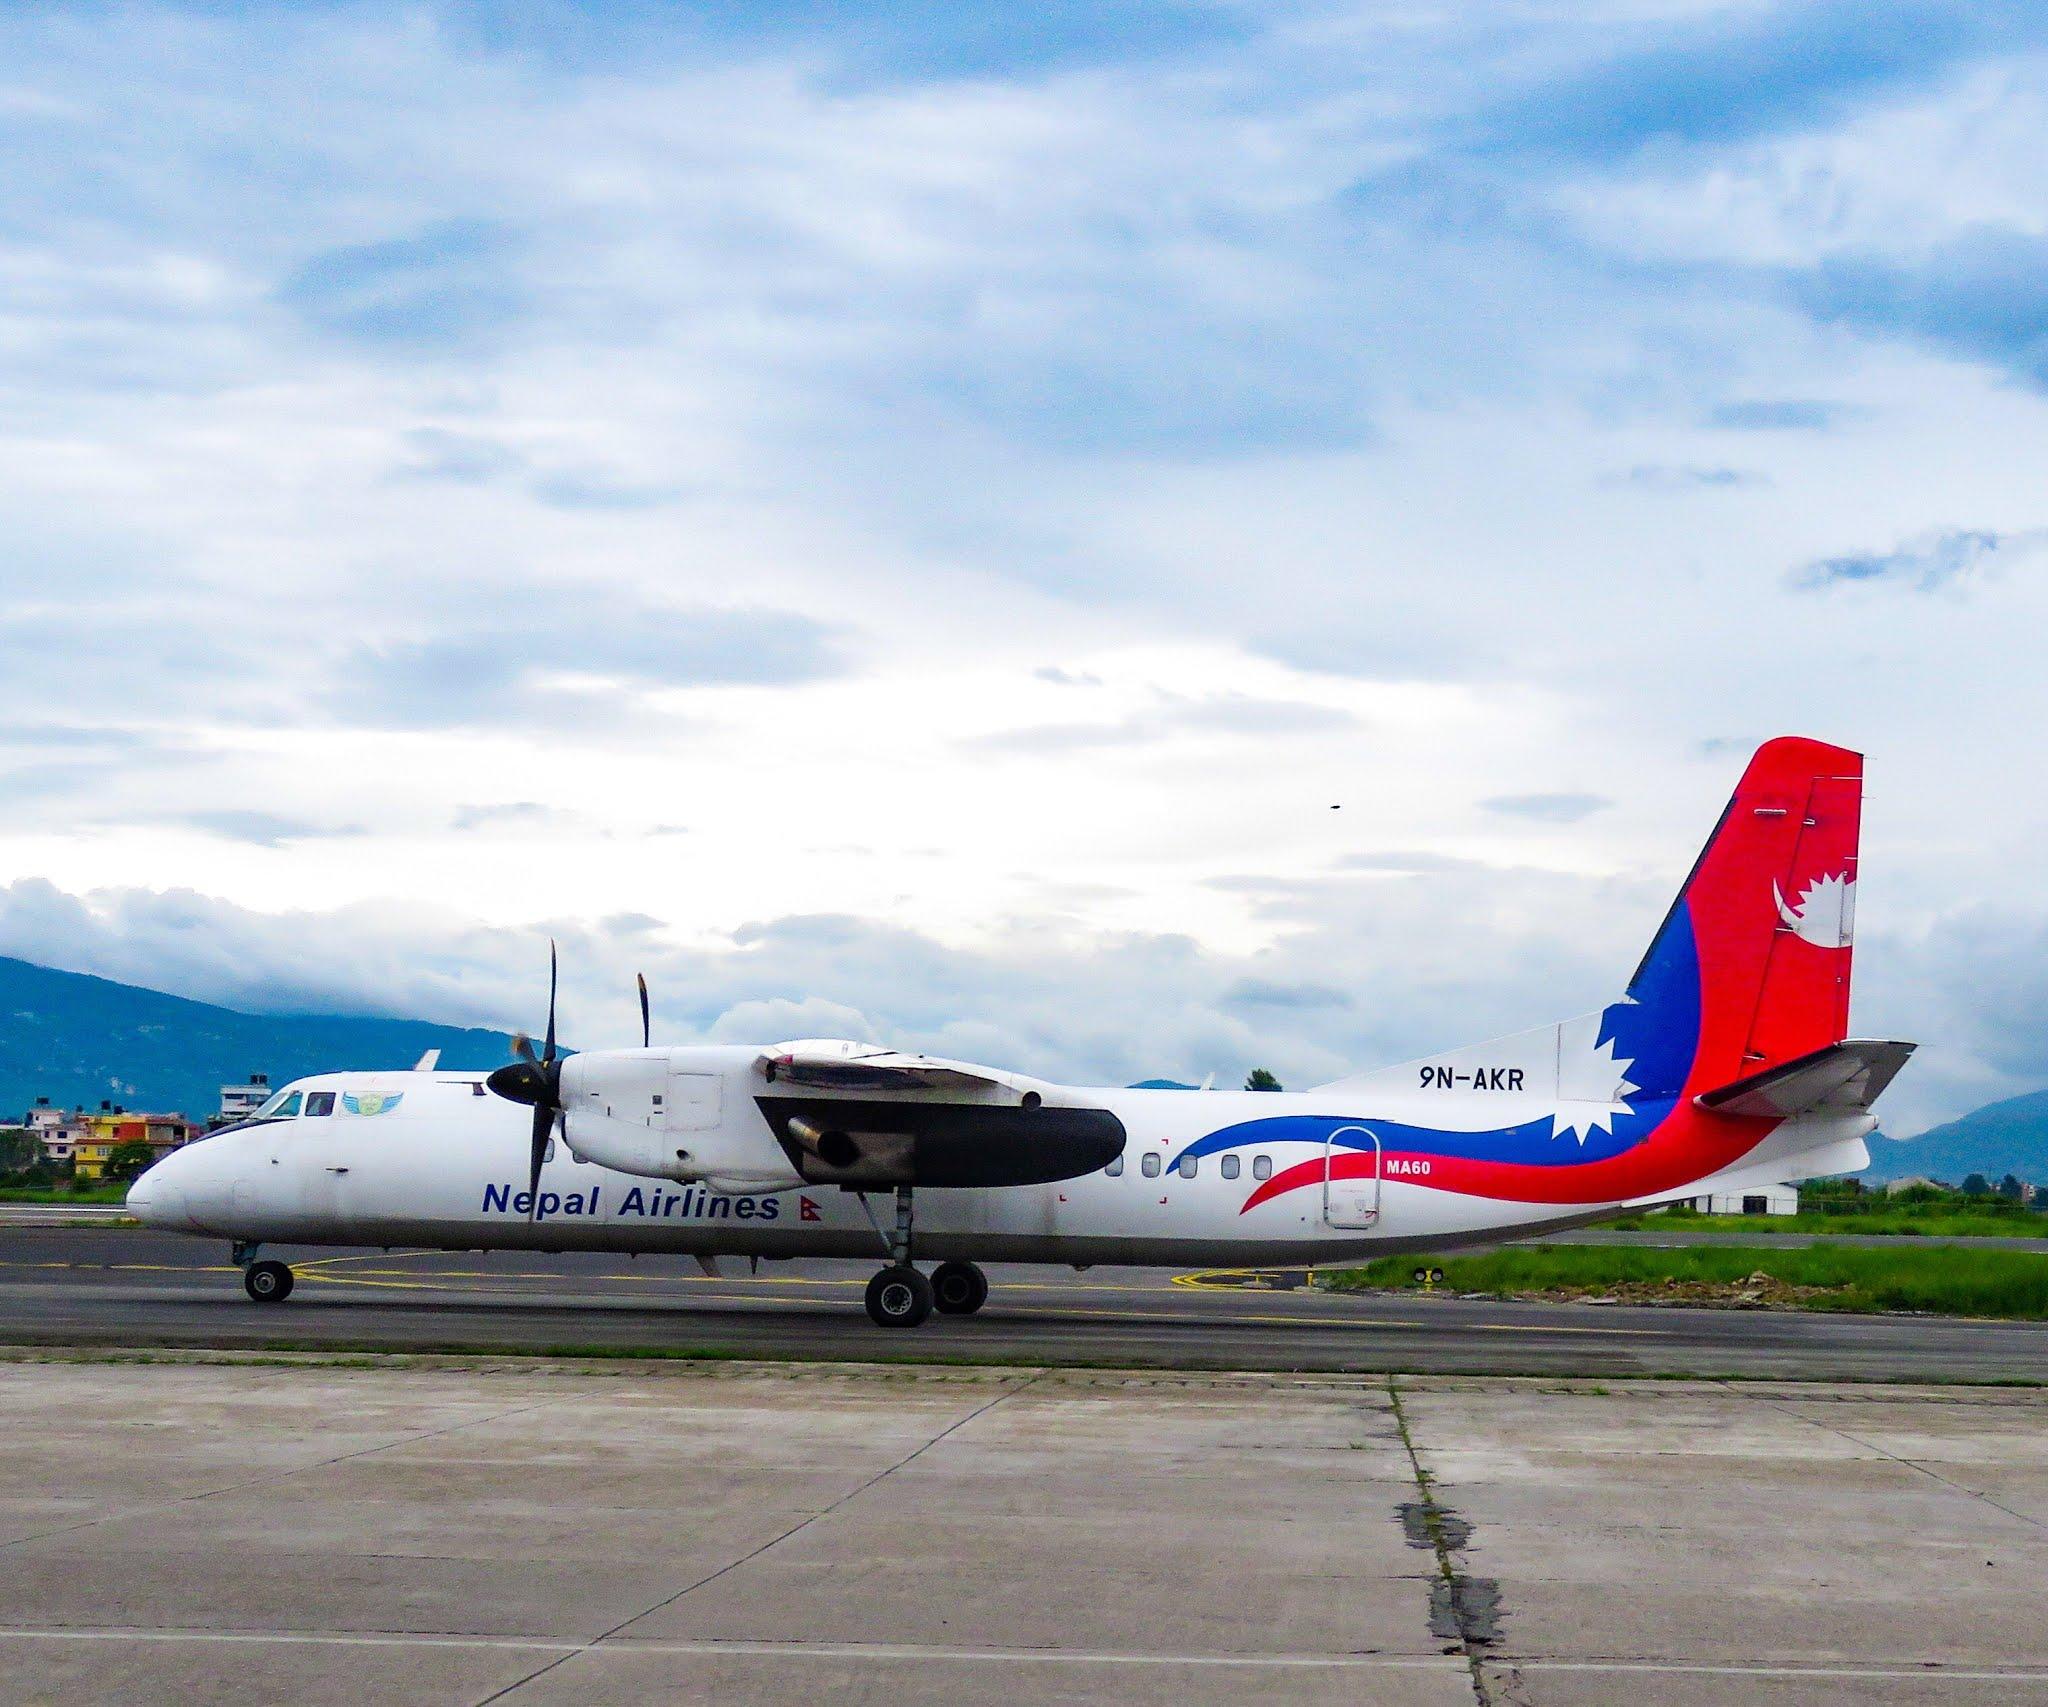 xian ma 600 xian ma 60 specification xian ma 60 cockpit xian ma-600 aircraft xian ma 600 cockpit xian ma-60 aircraft